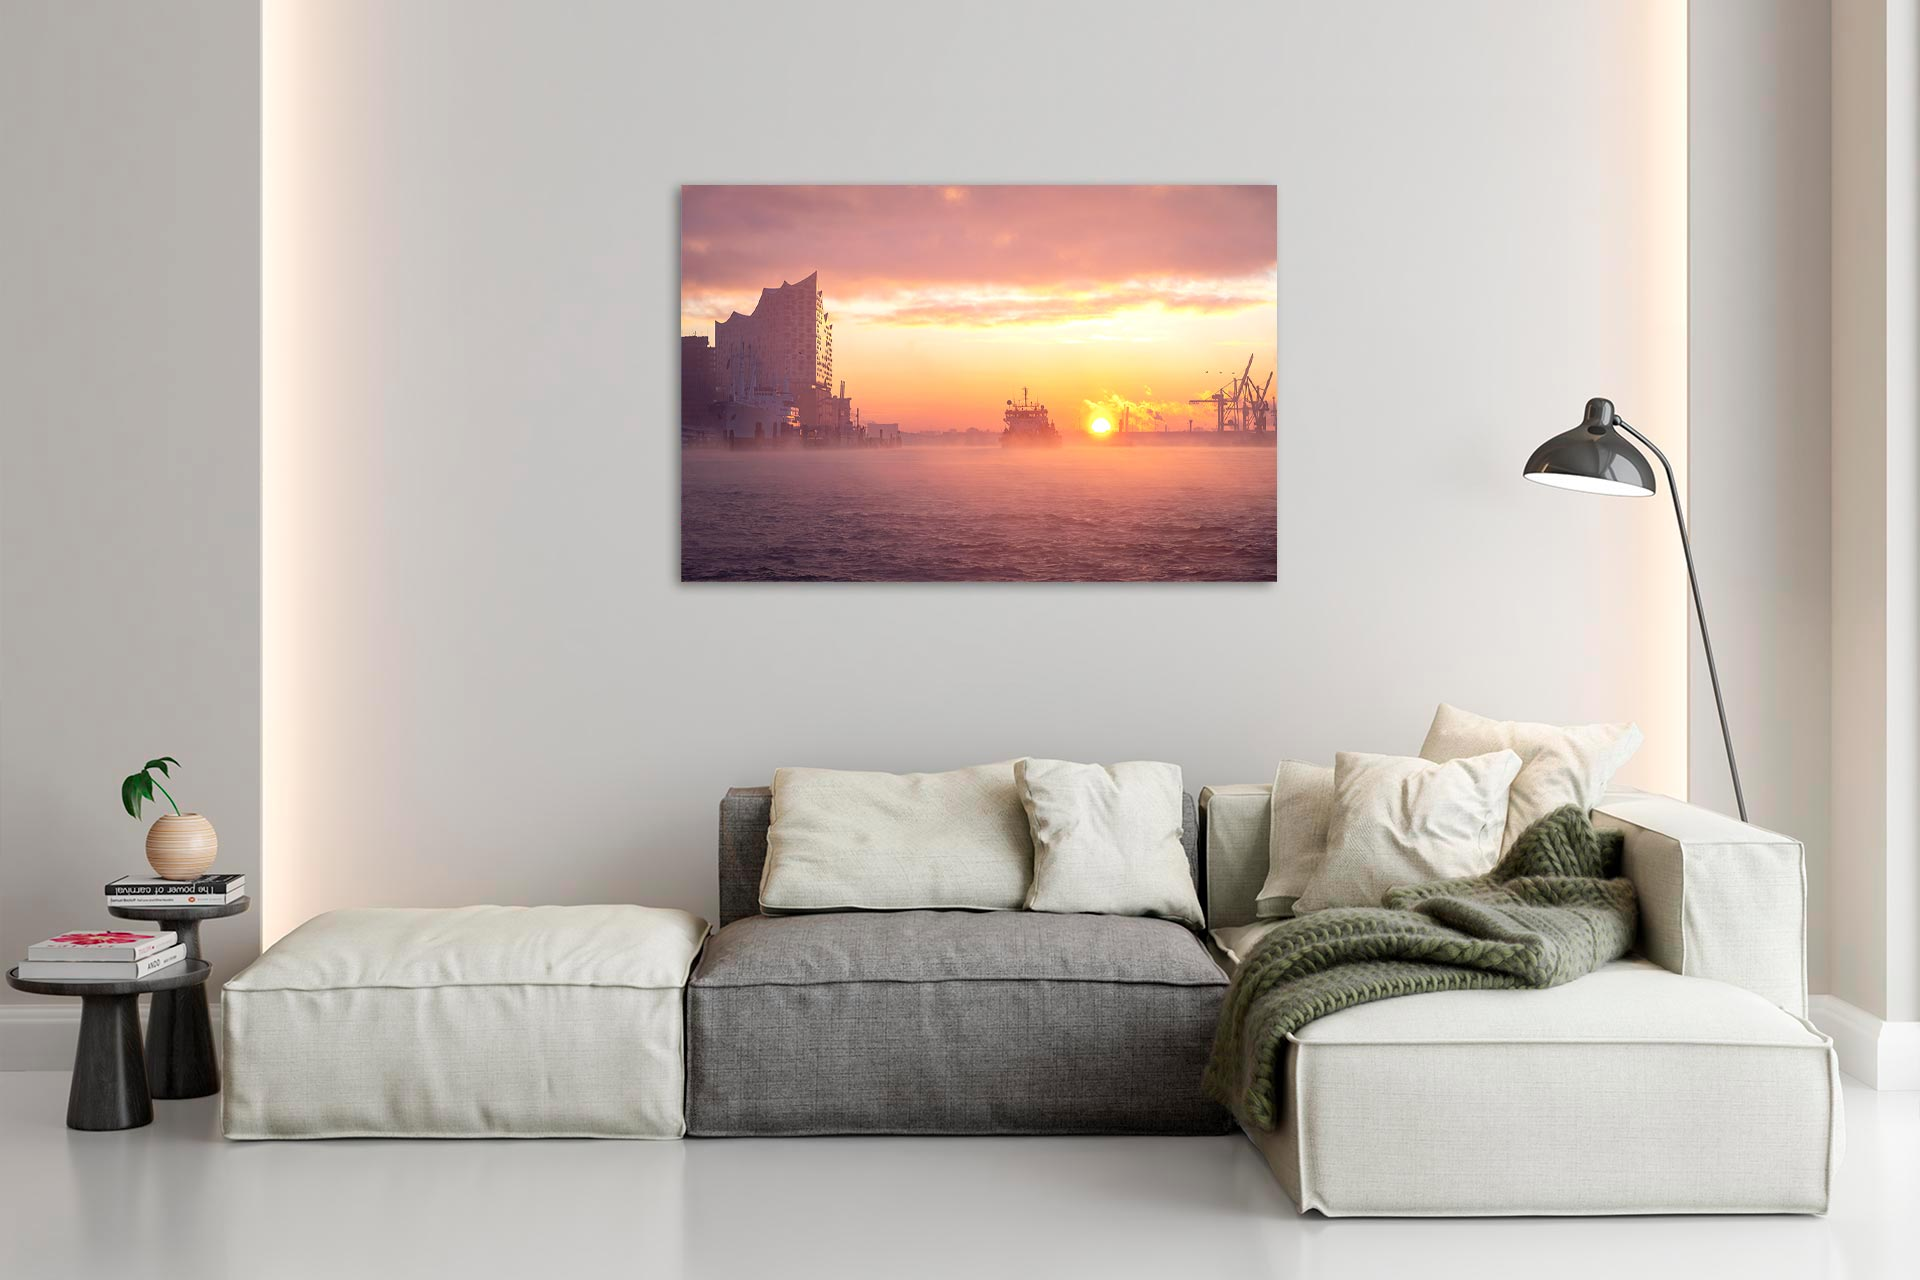 LCW290-wintersonne-wandbild-bild-auf-leinwand-acrylglas-aludibond-wohnzimmer